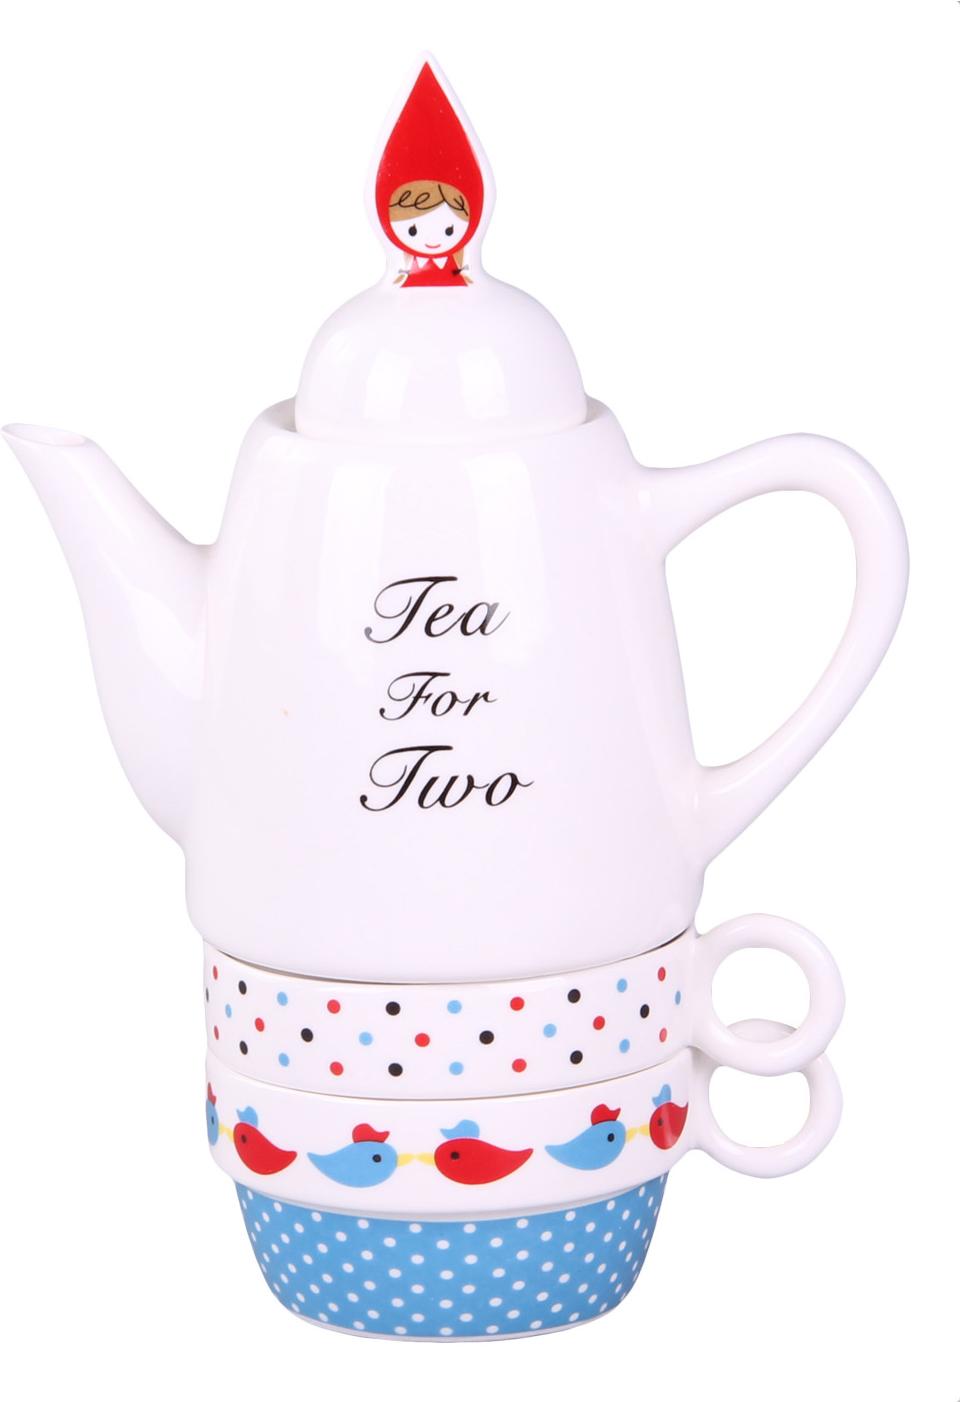 Чайный набор Patricia, цвет: мультиколор, 180 мл, 3 предмета набор чайный patricia даймонд 12 предметов im11348